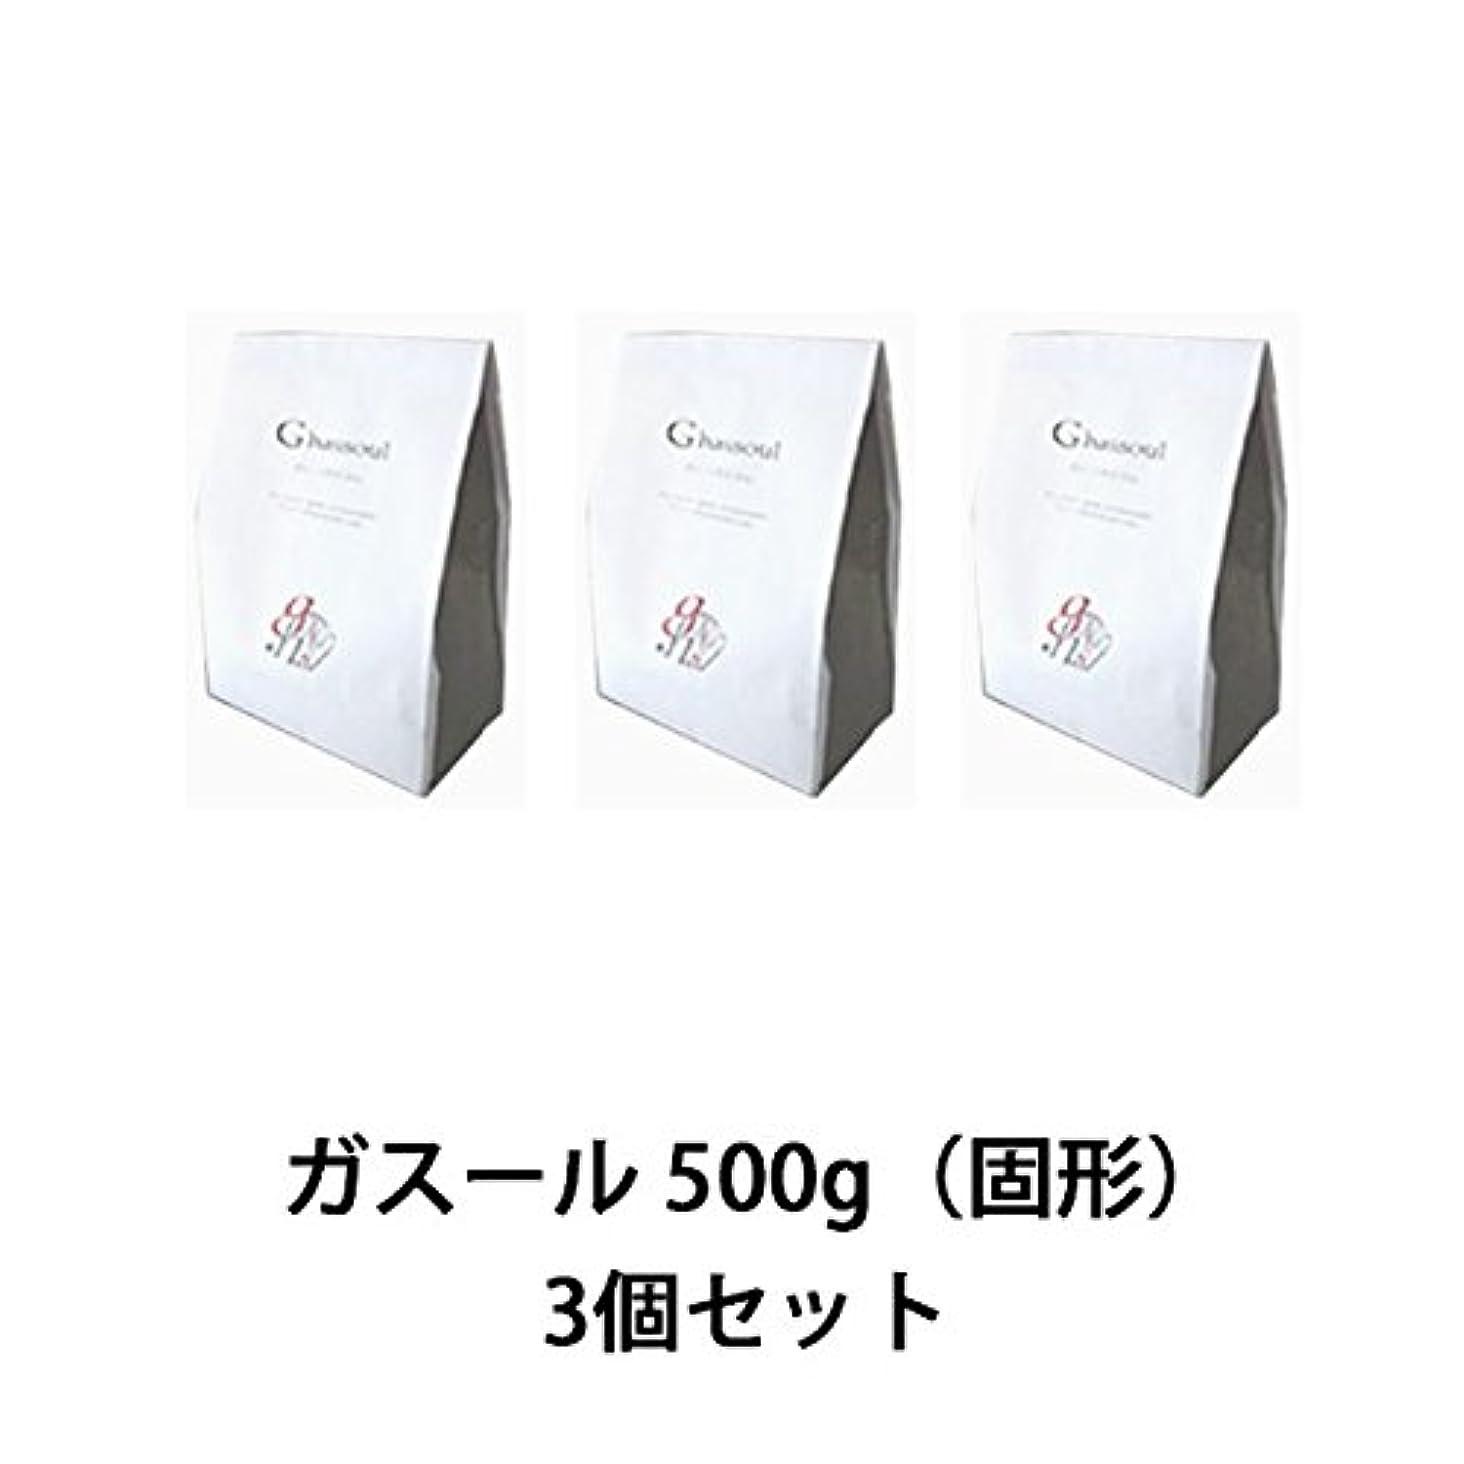 努力するシガレットきらめく【ナイアード】ガスール 固形 500g ×3個セット